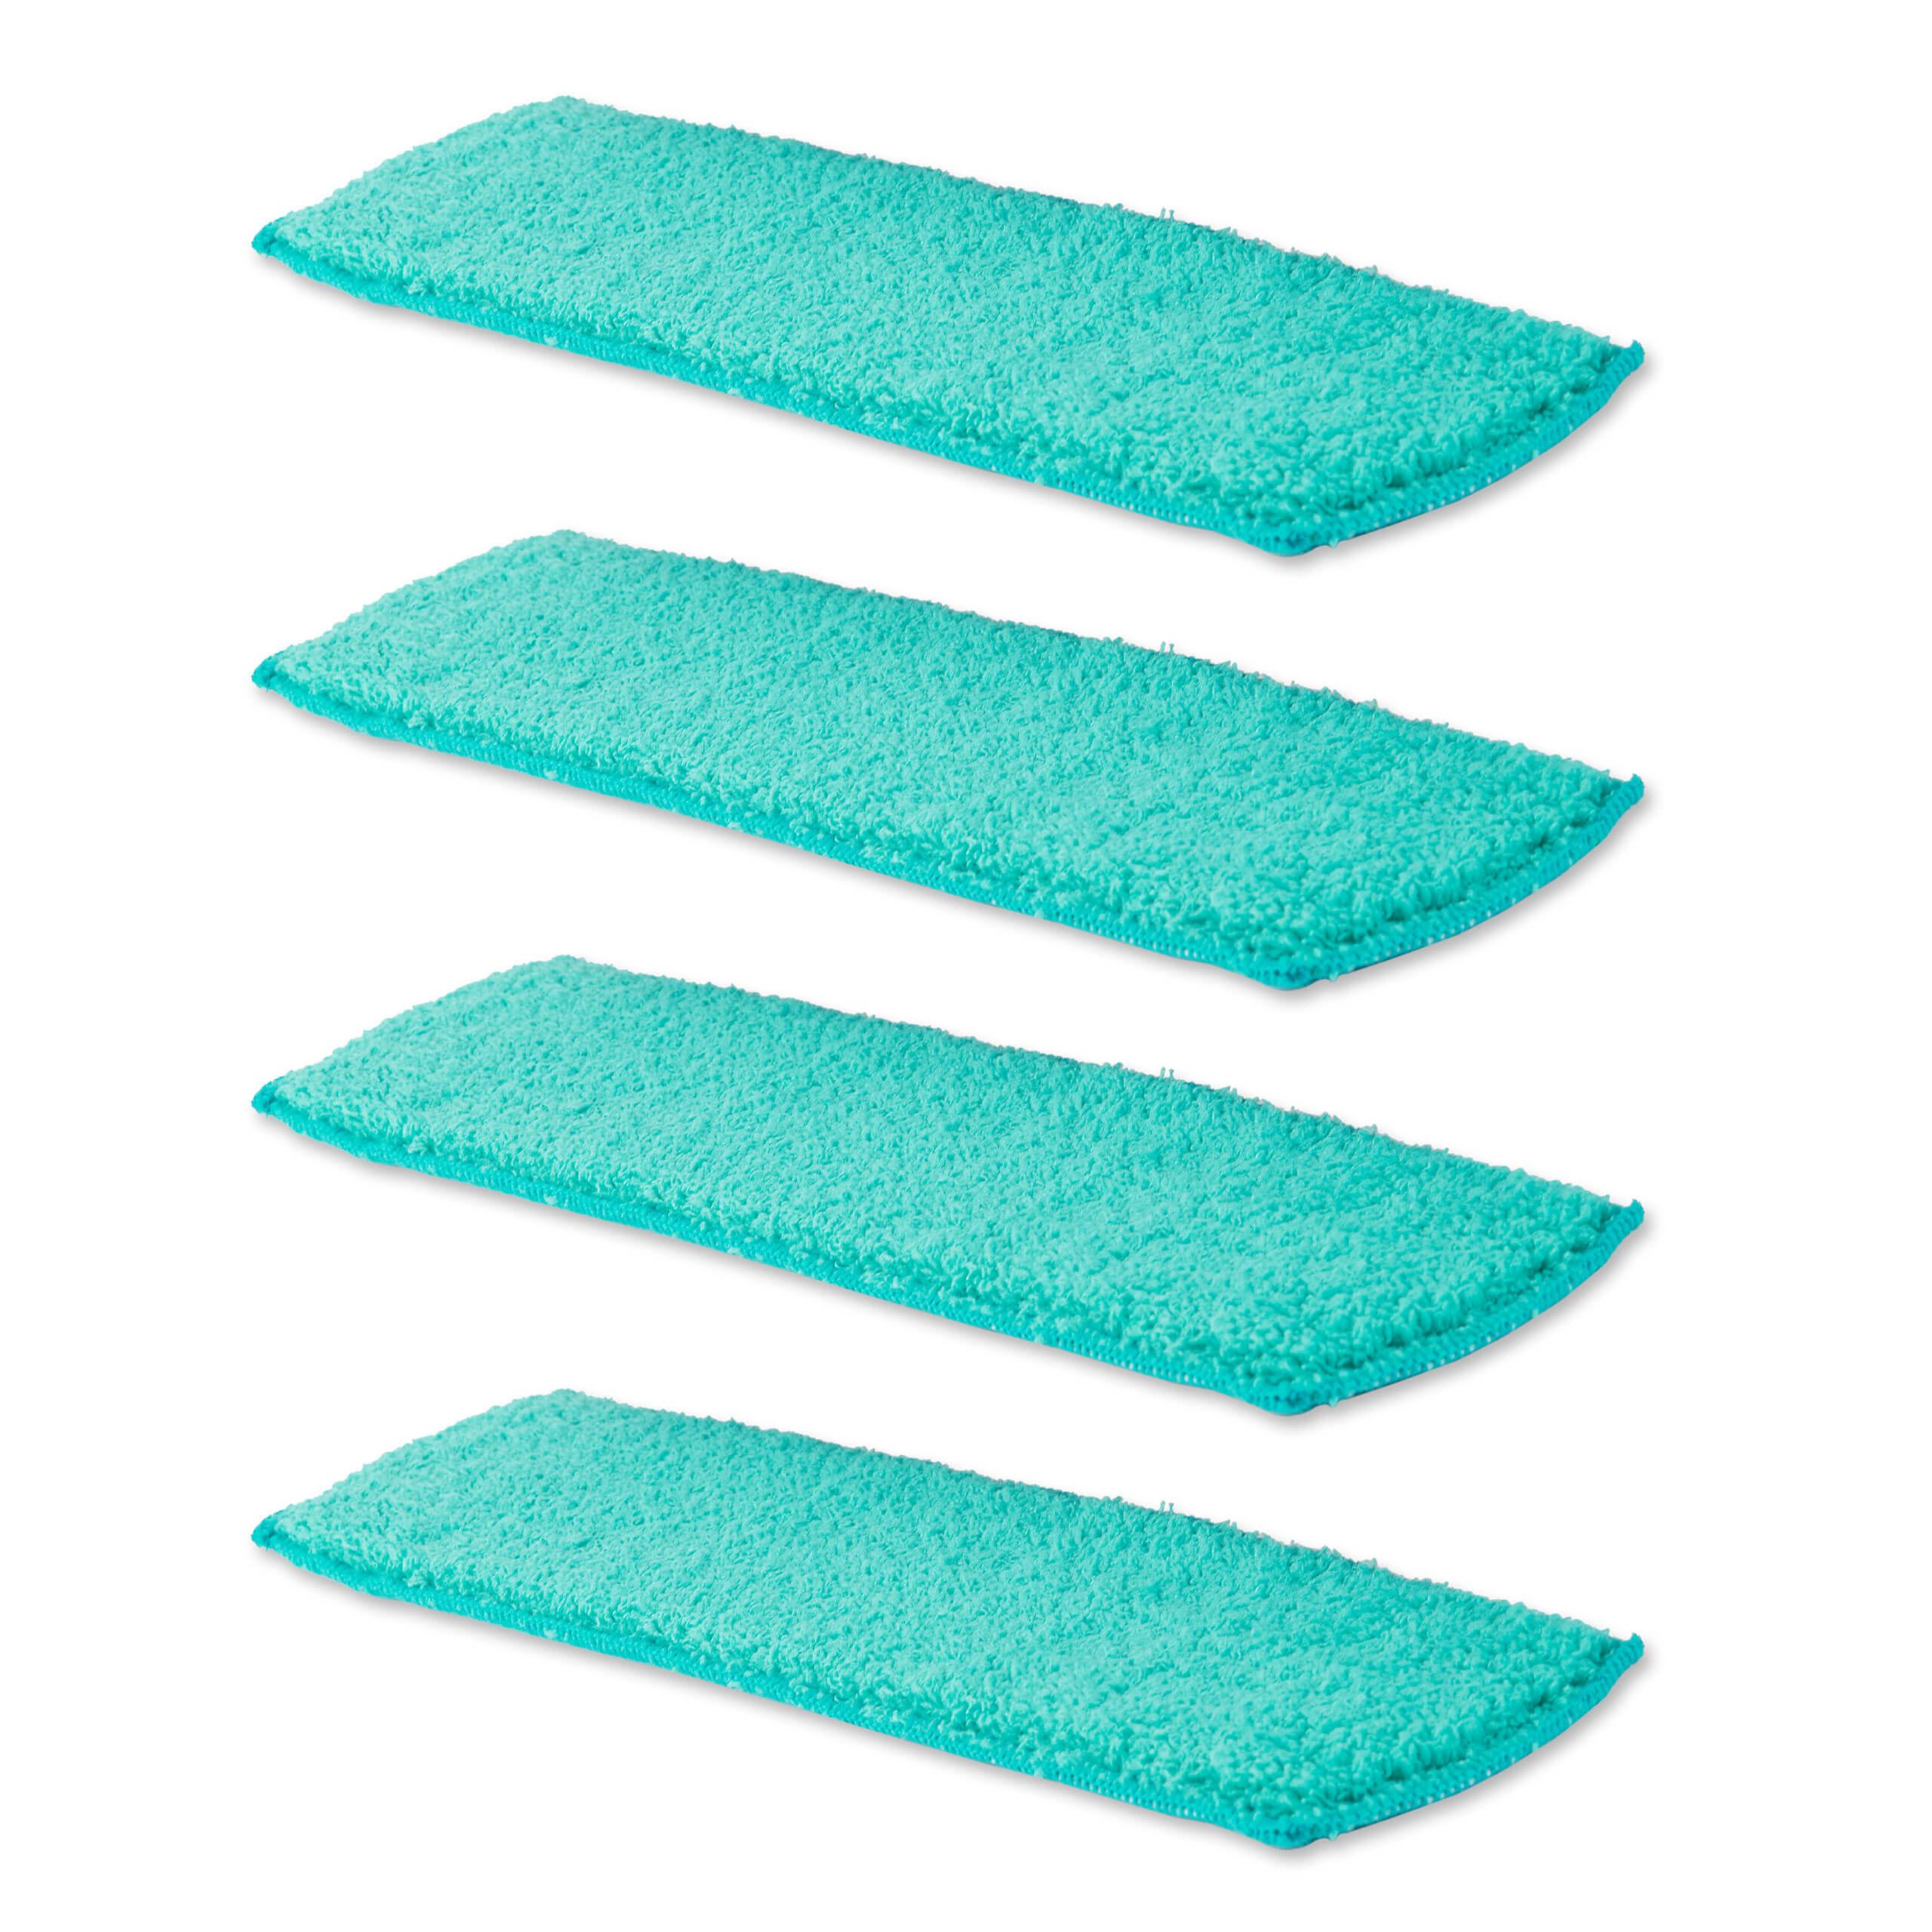 Fensterwischer | Mikrofasertuch | Set 4-tlg.